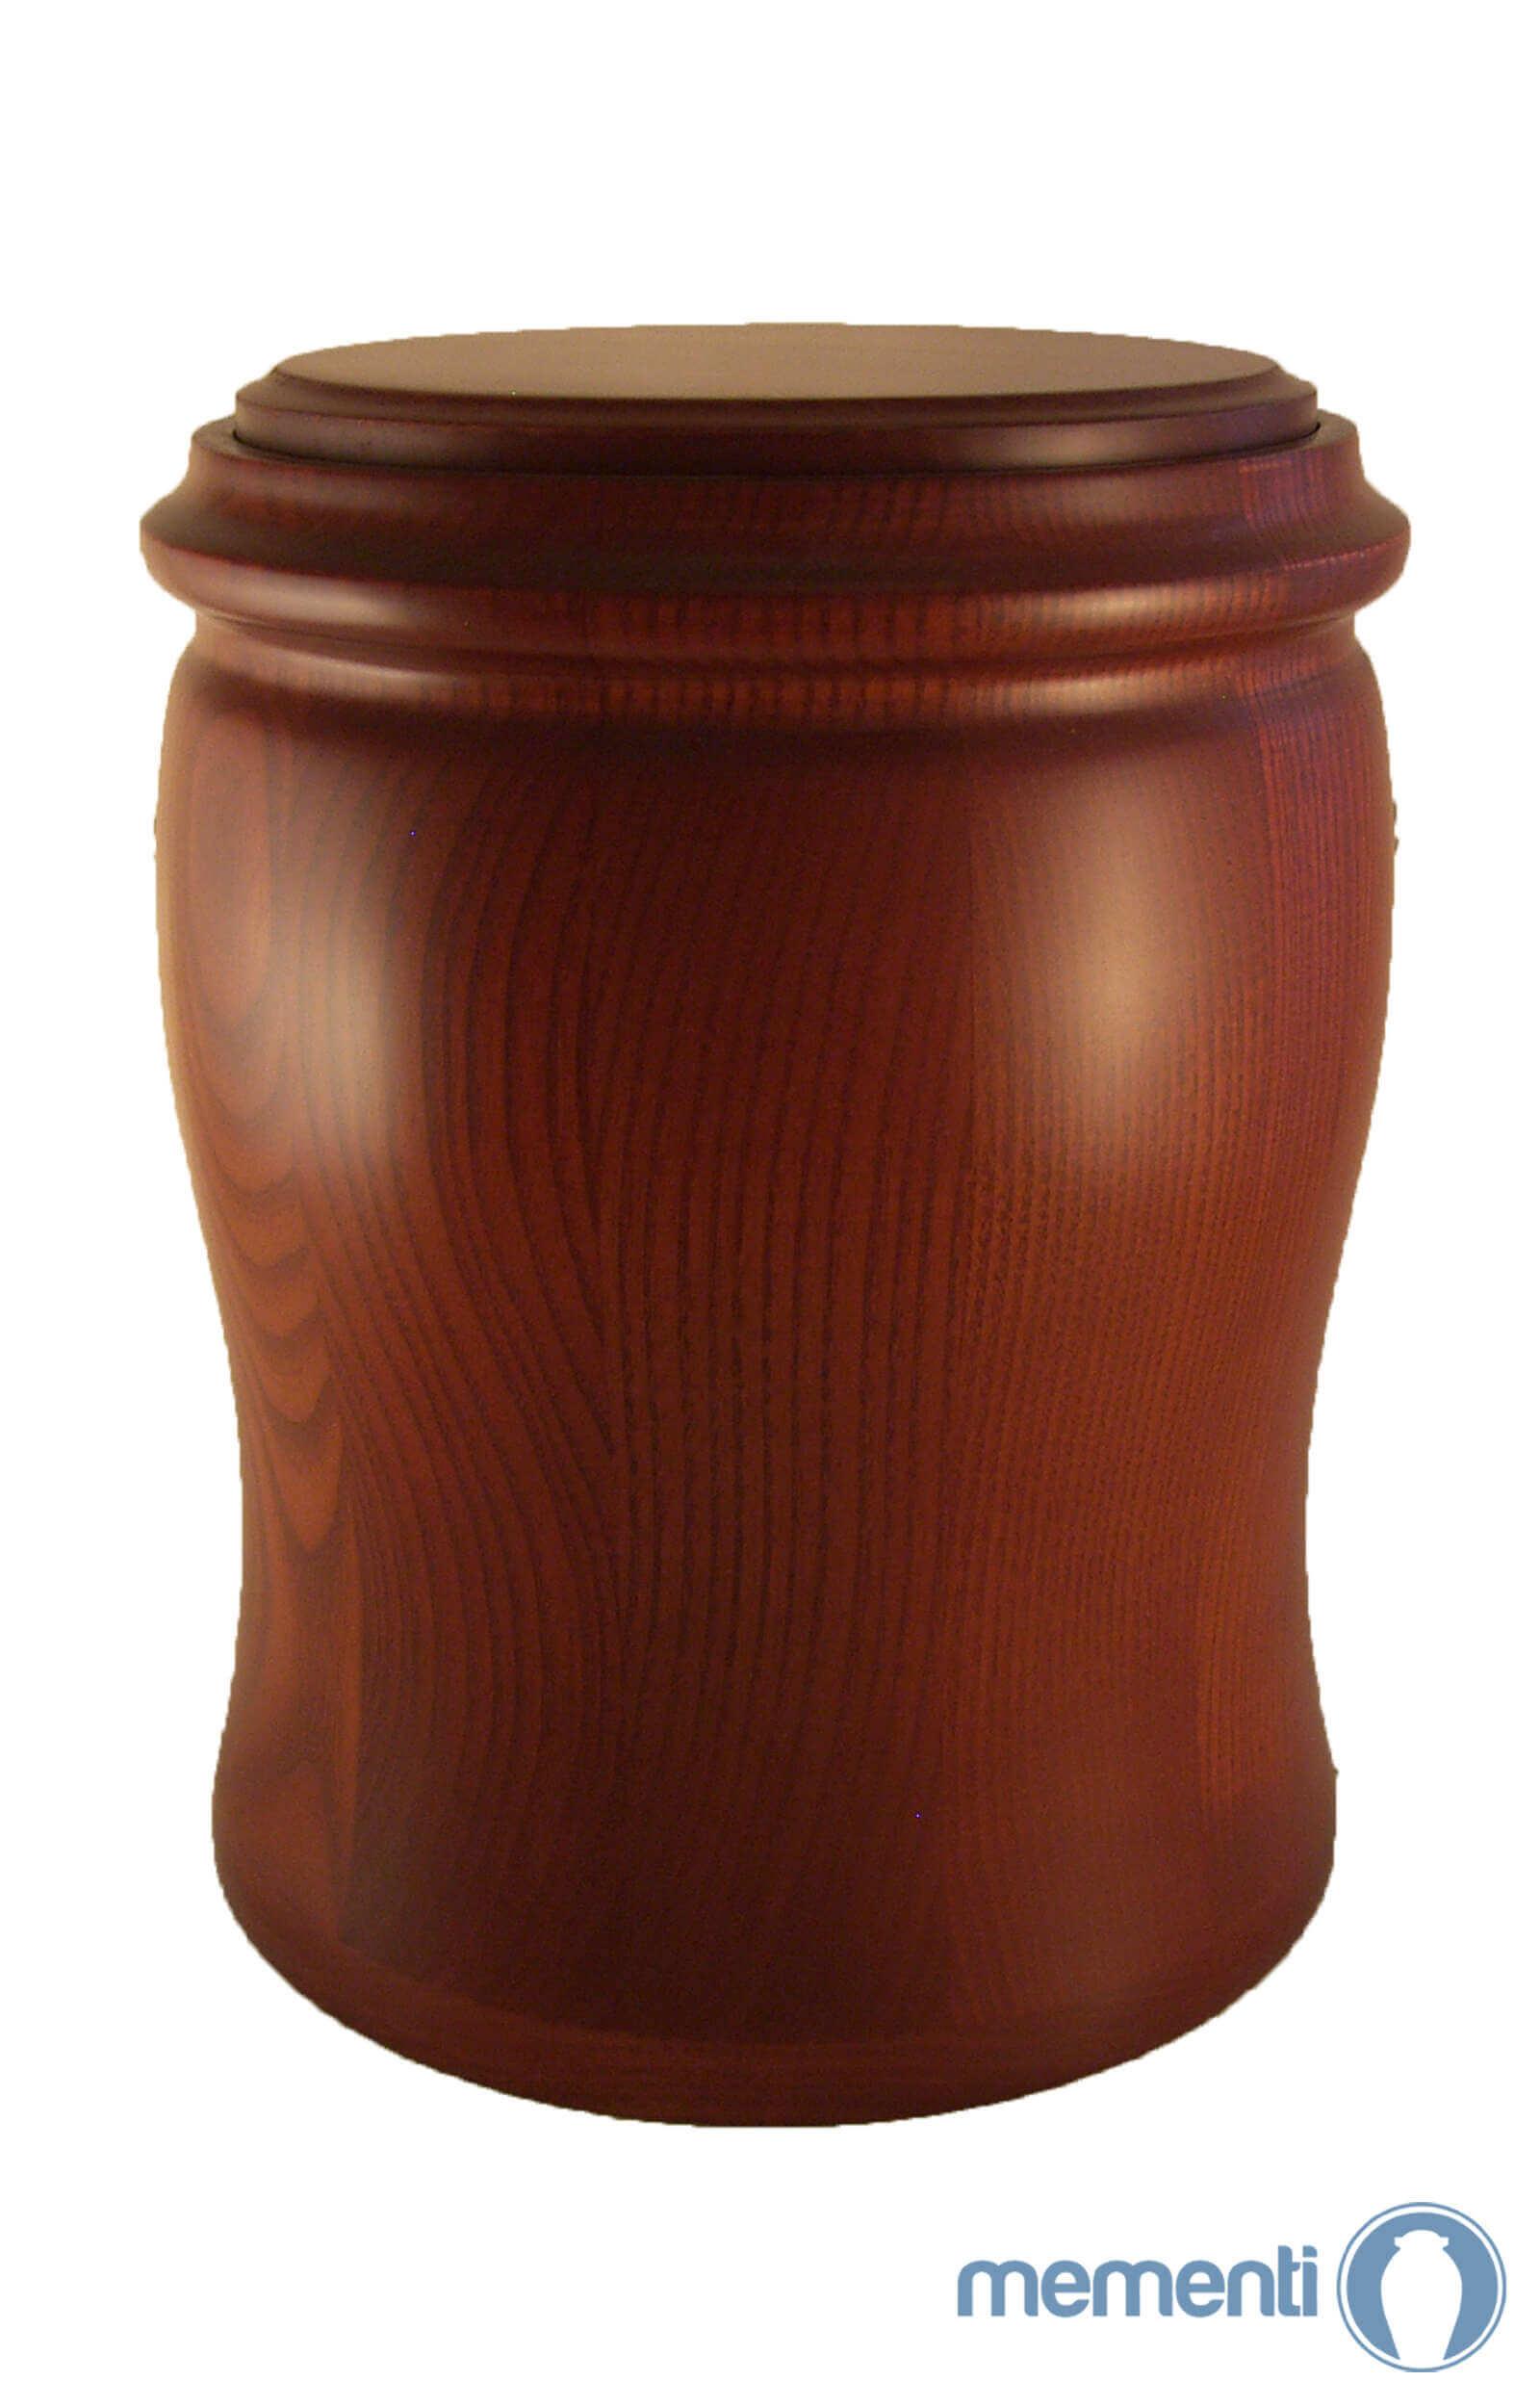 en HR03 pecan brown wood grain urn